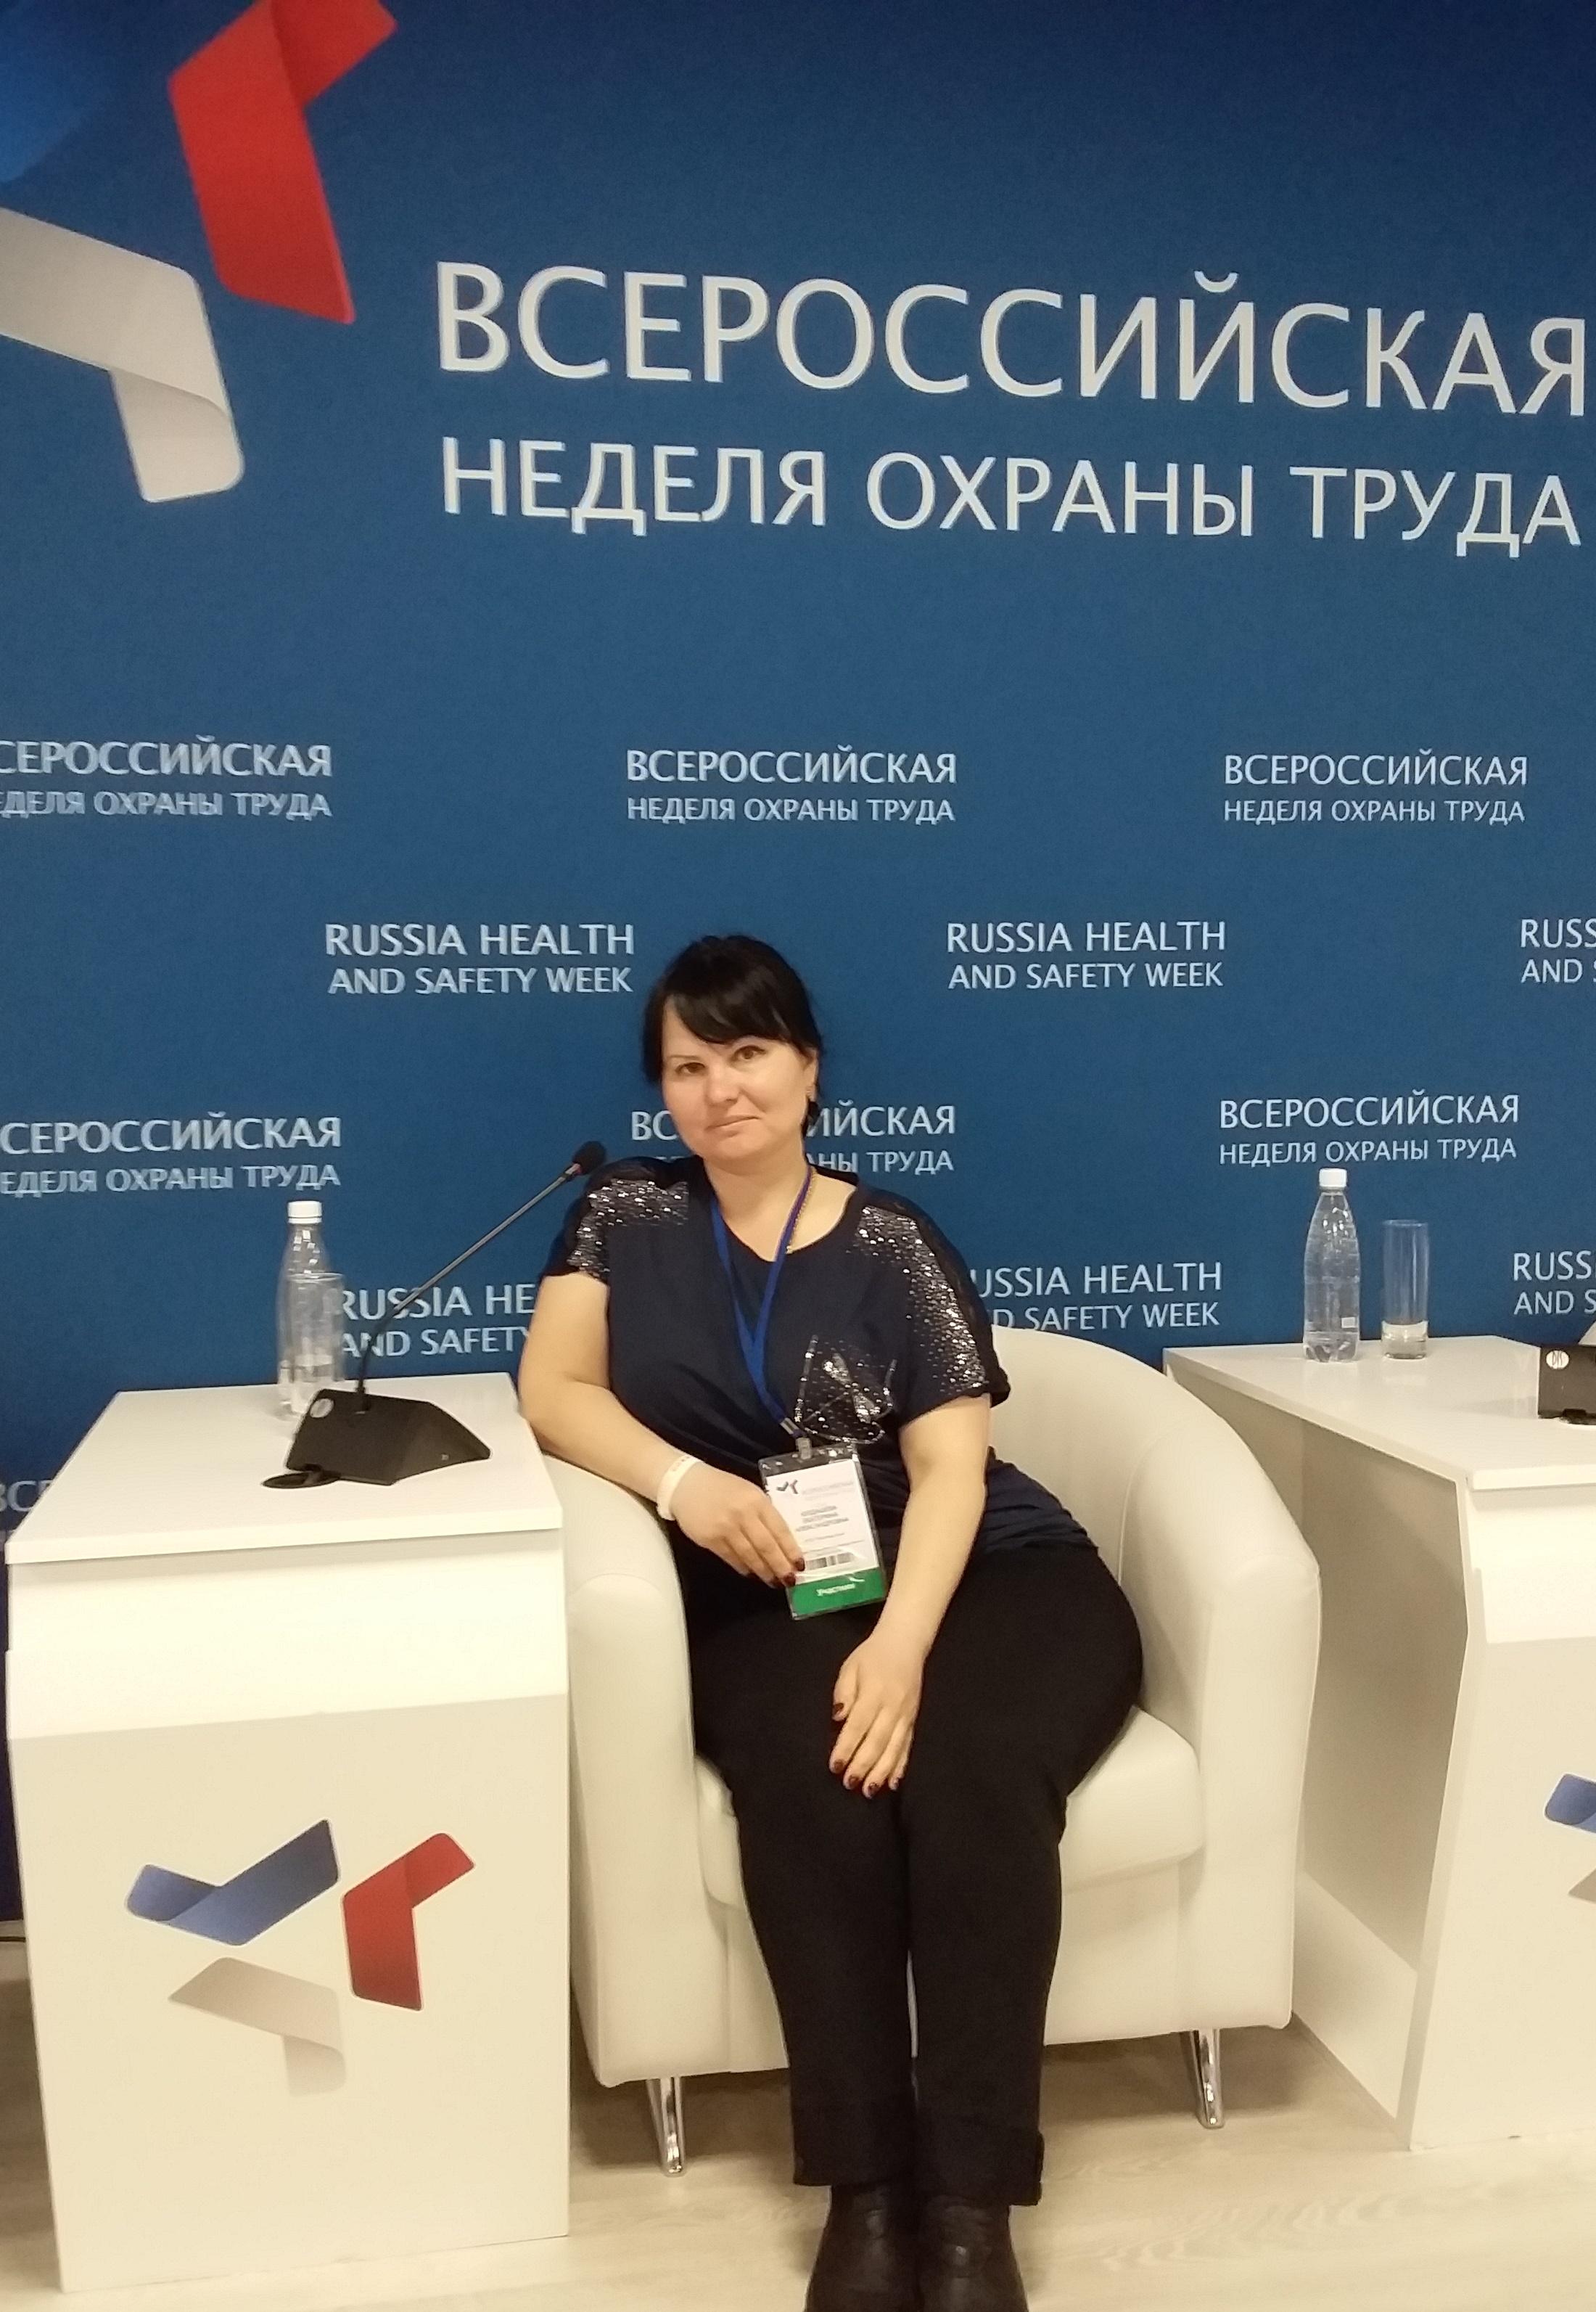 Всероссийская неделя охраны труда - 2019!